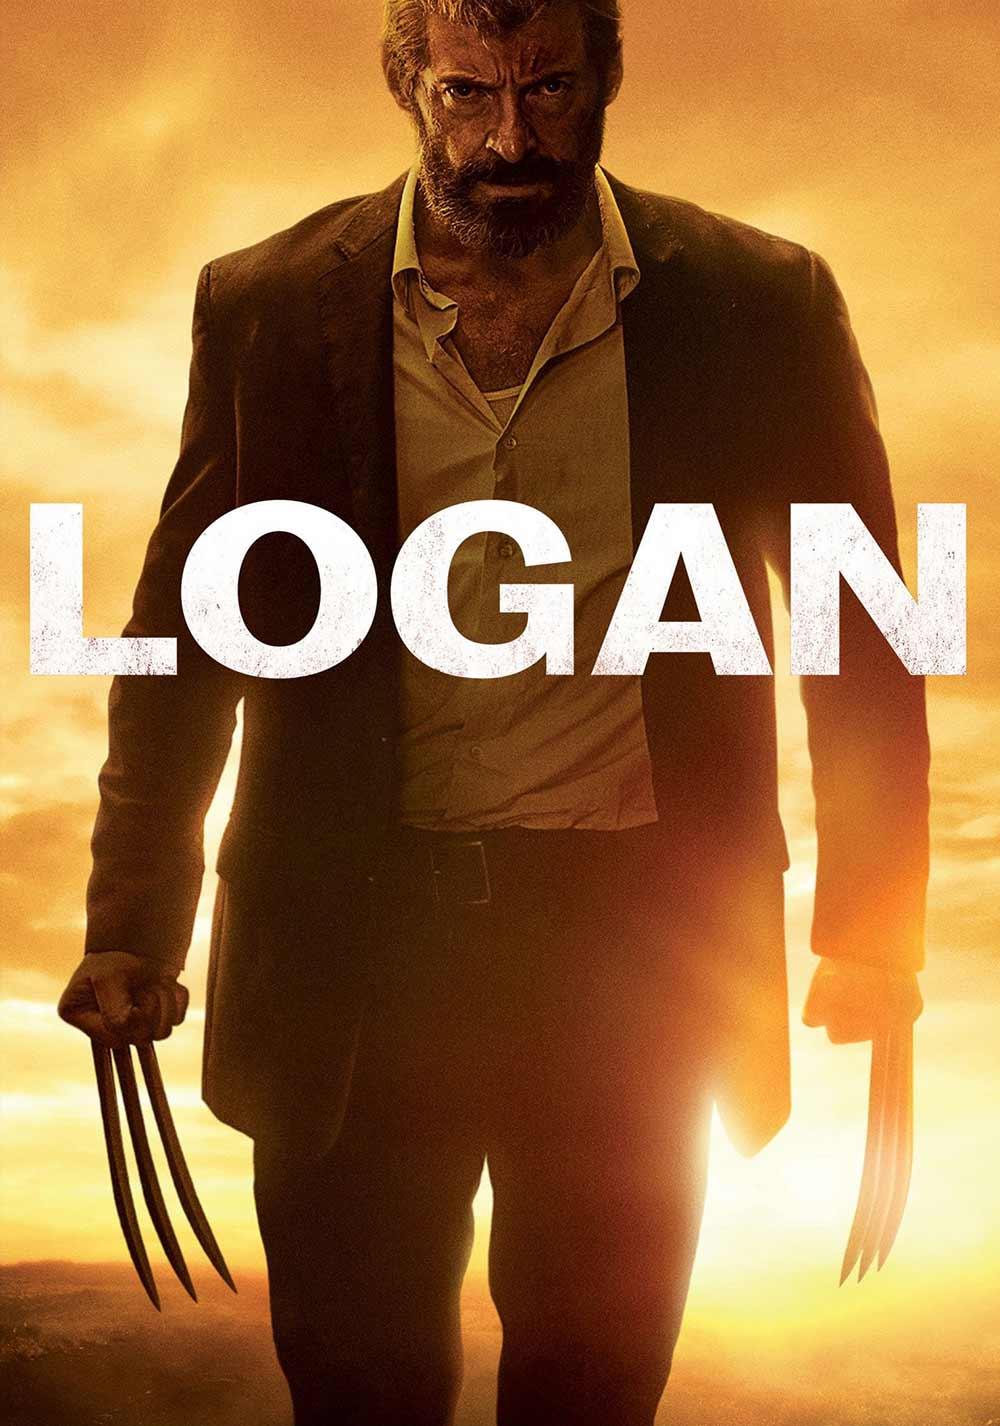 Logan – IMDb 8.1